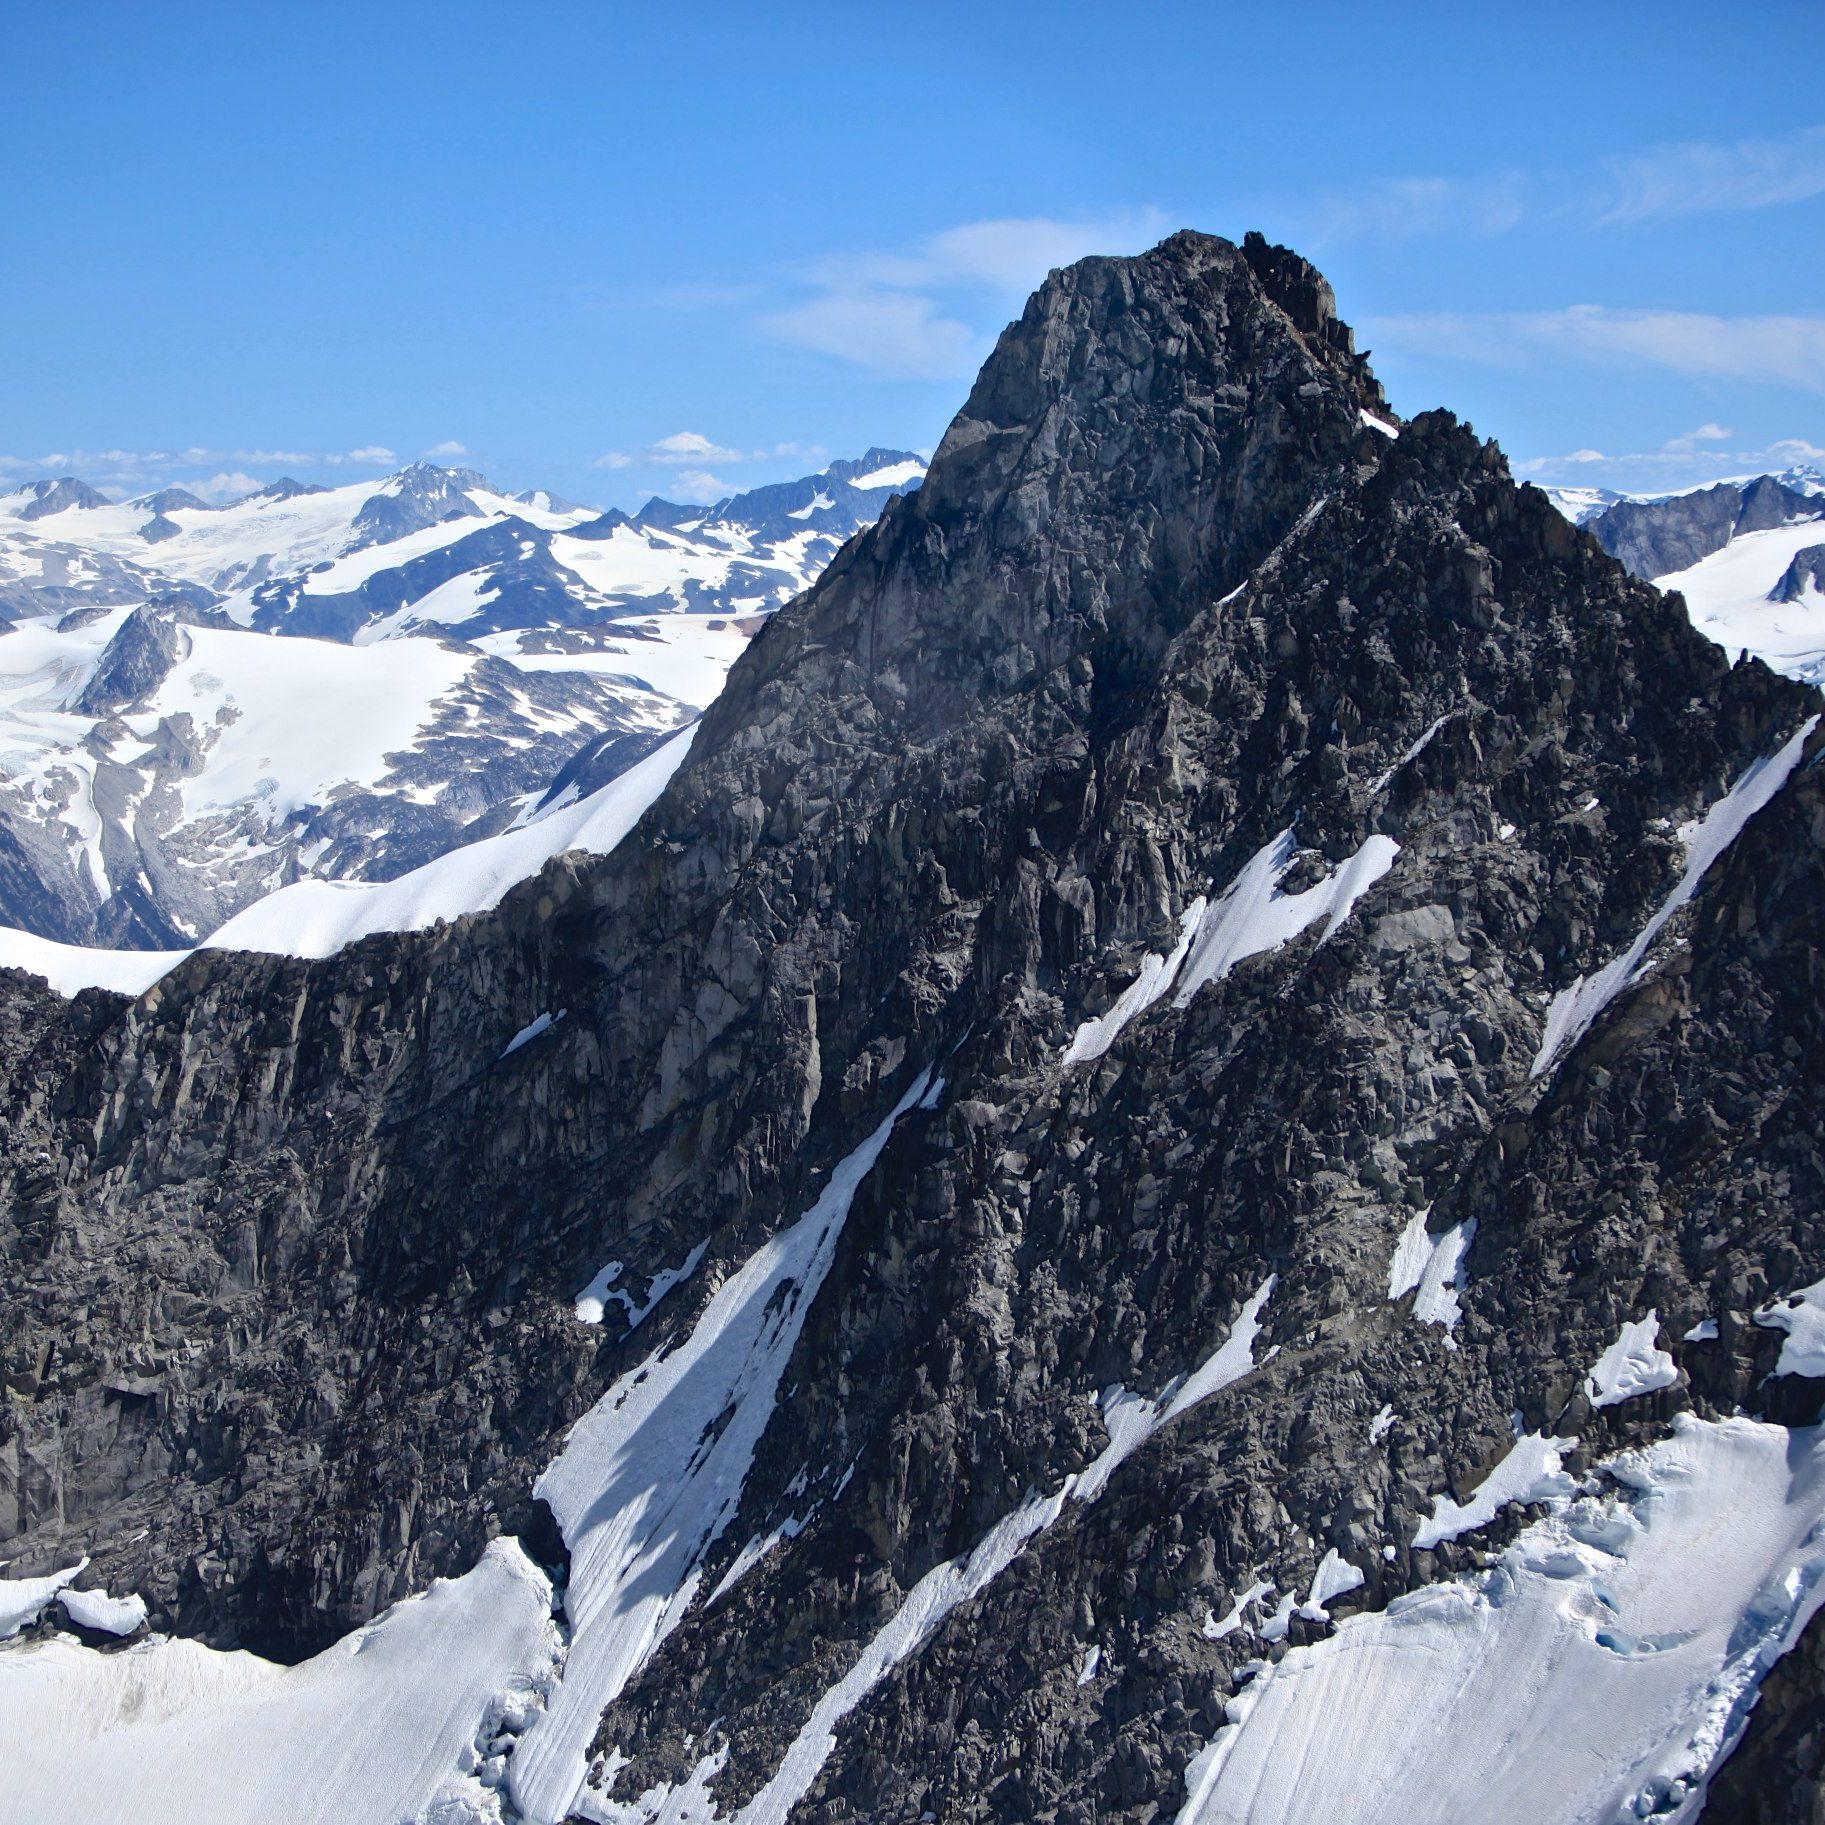 Mount Raleigh, Comox Strathcona J, BC, Canada